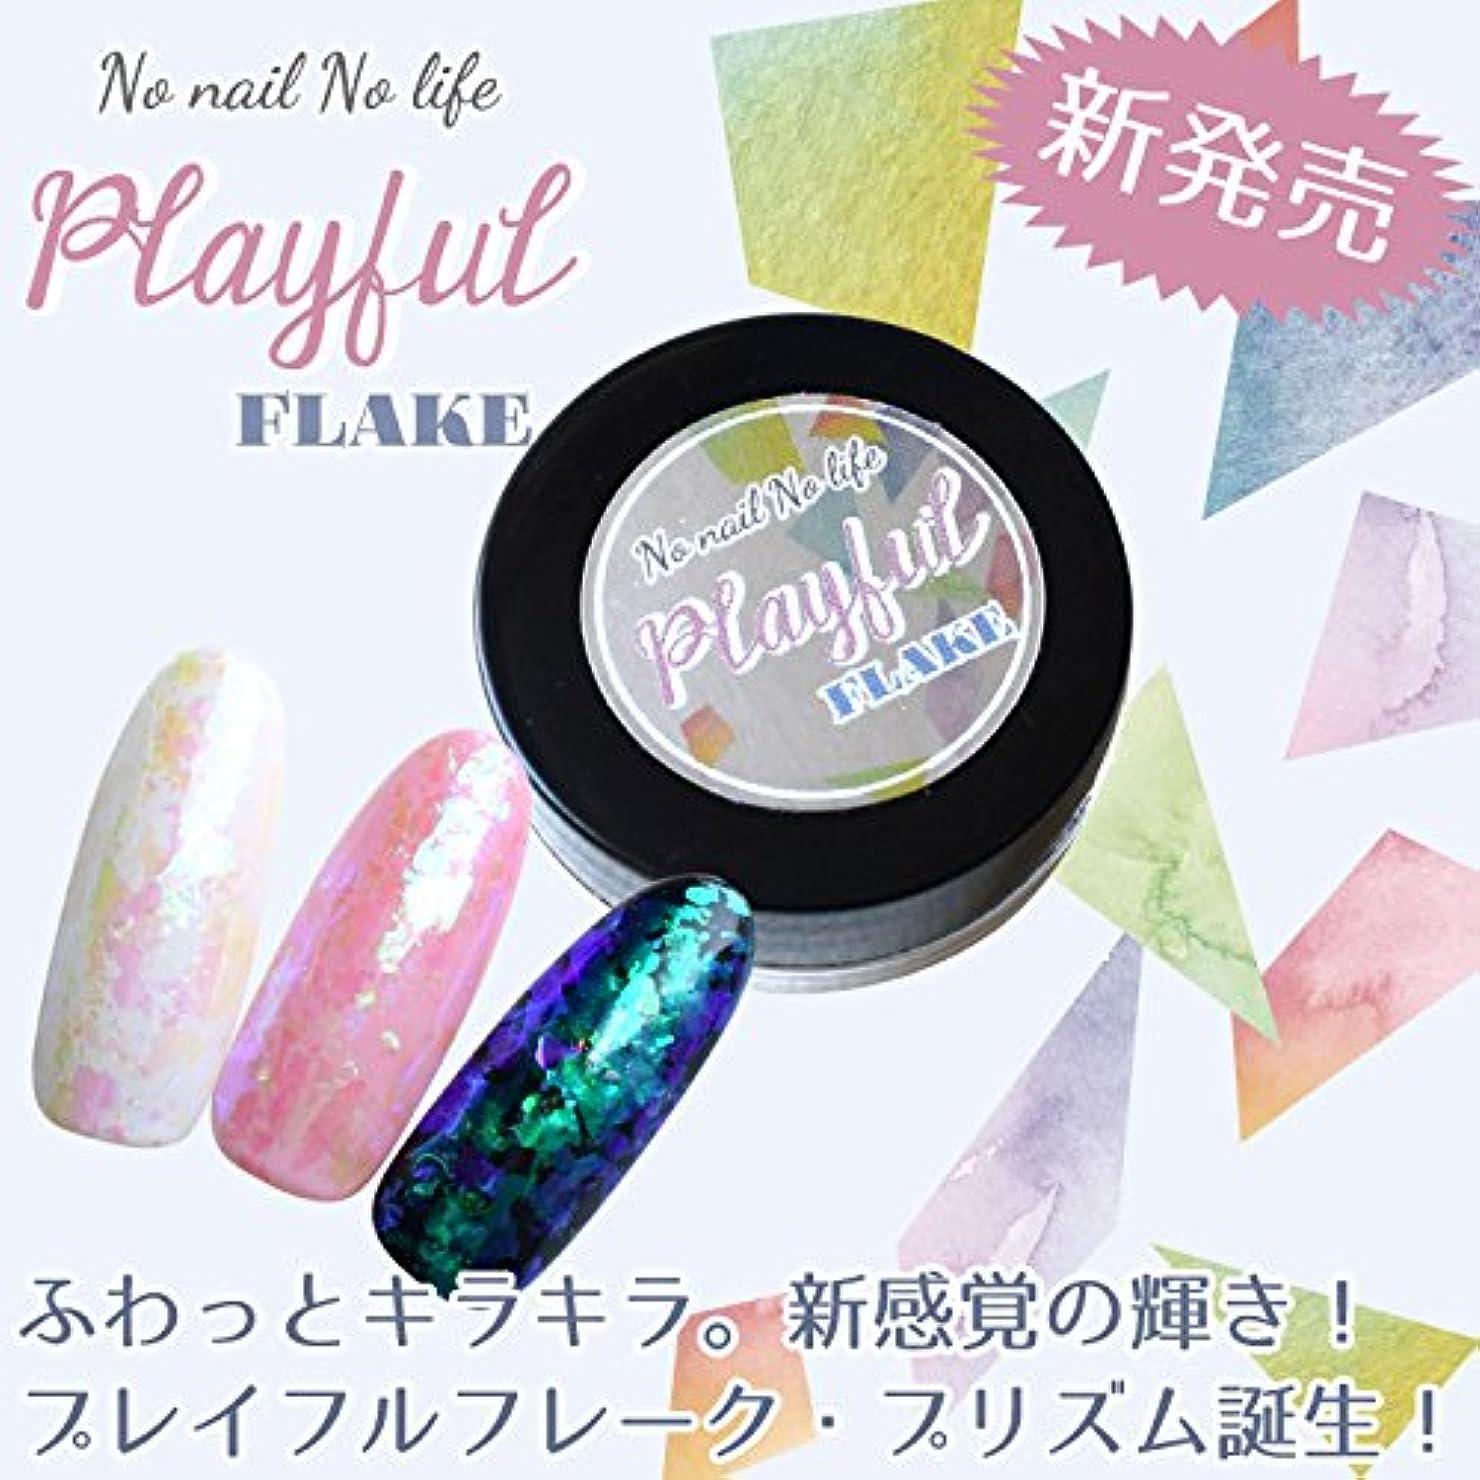 ユーモラス規模サンプル【ネイル】プレイフルフレーク プリズム